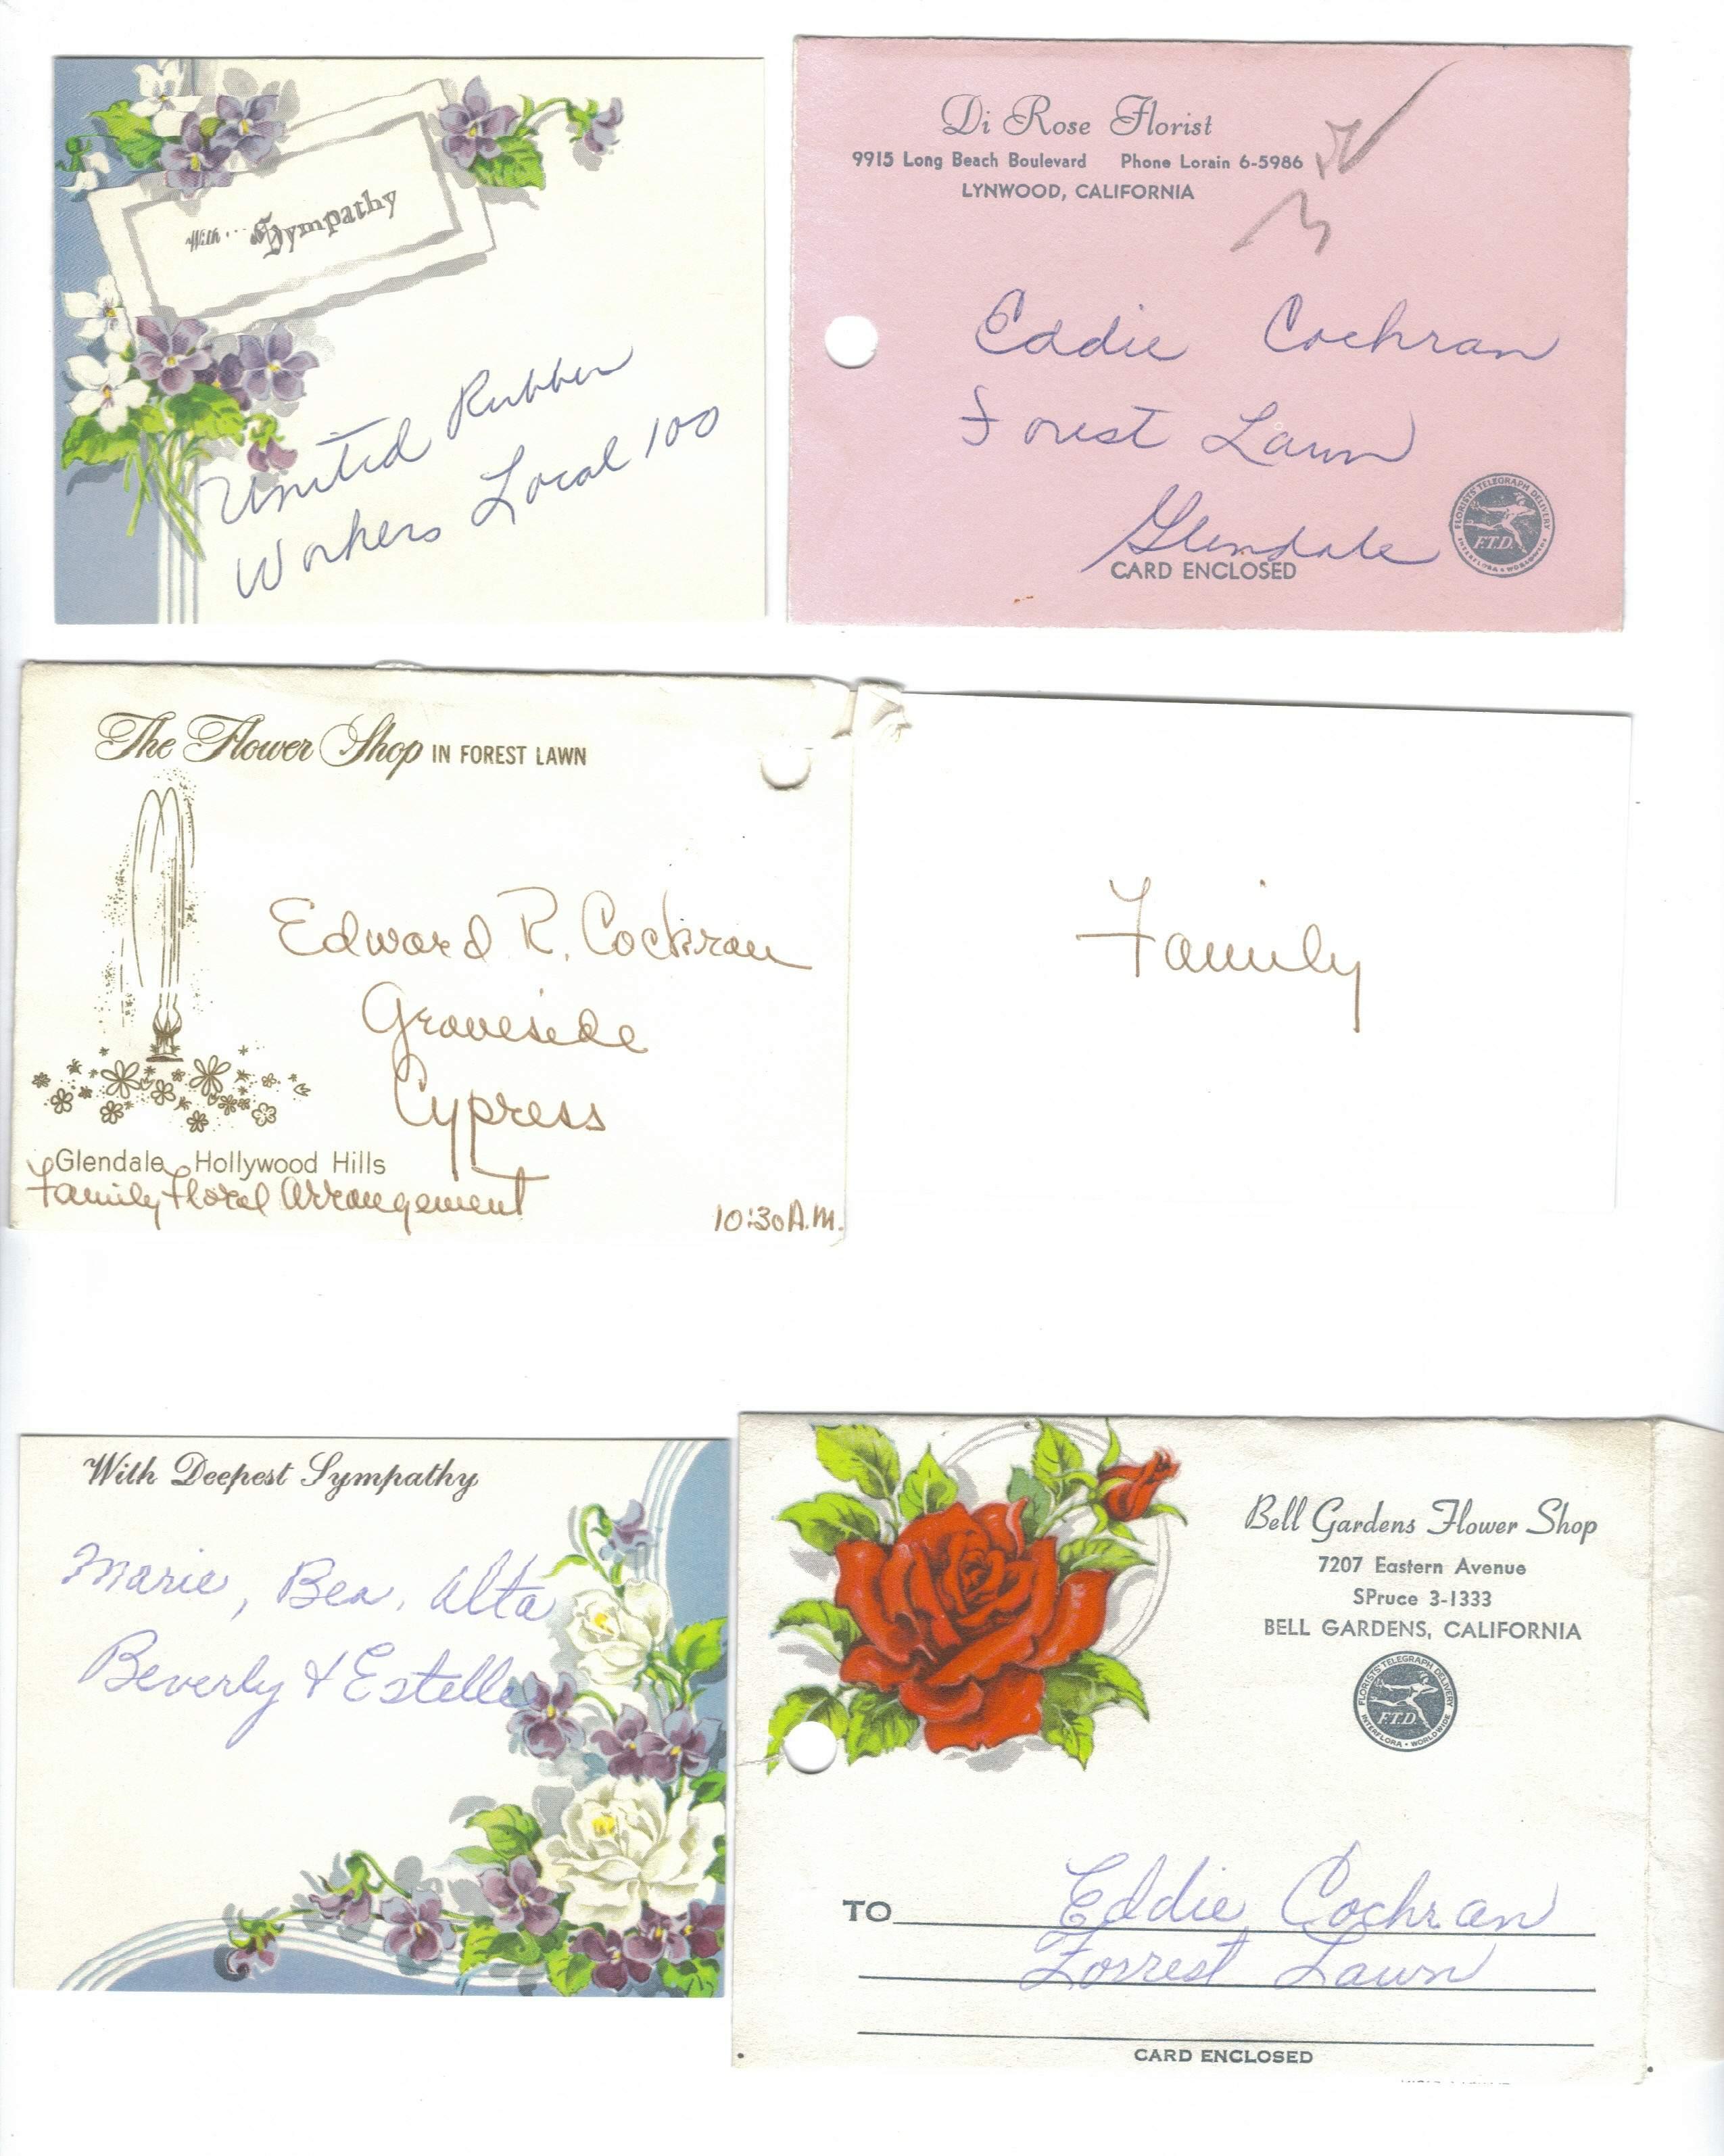 52011_Sympathy_cards_01_1_122_386lo.jpg